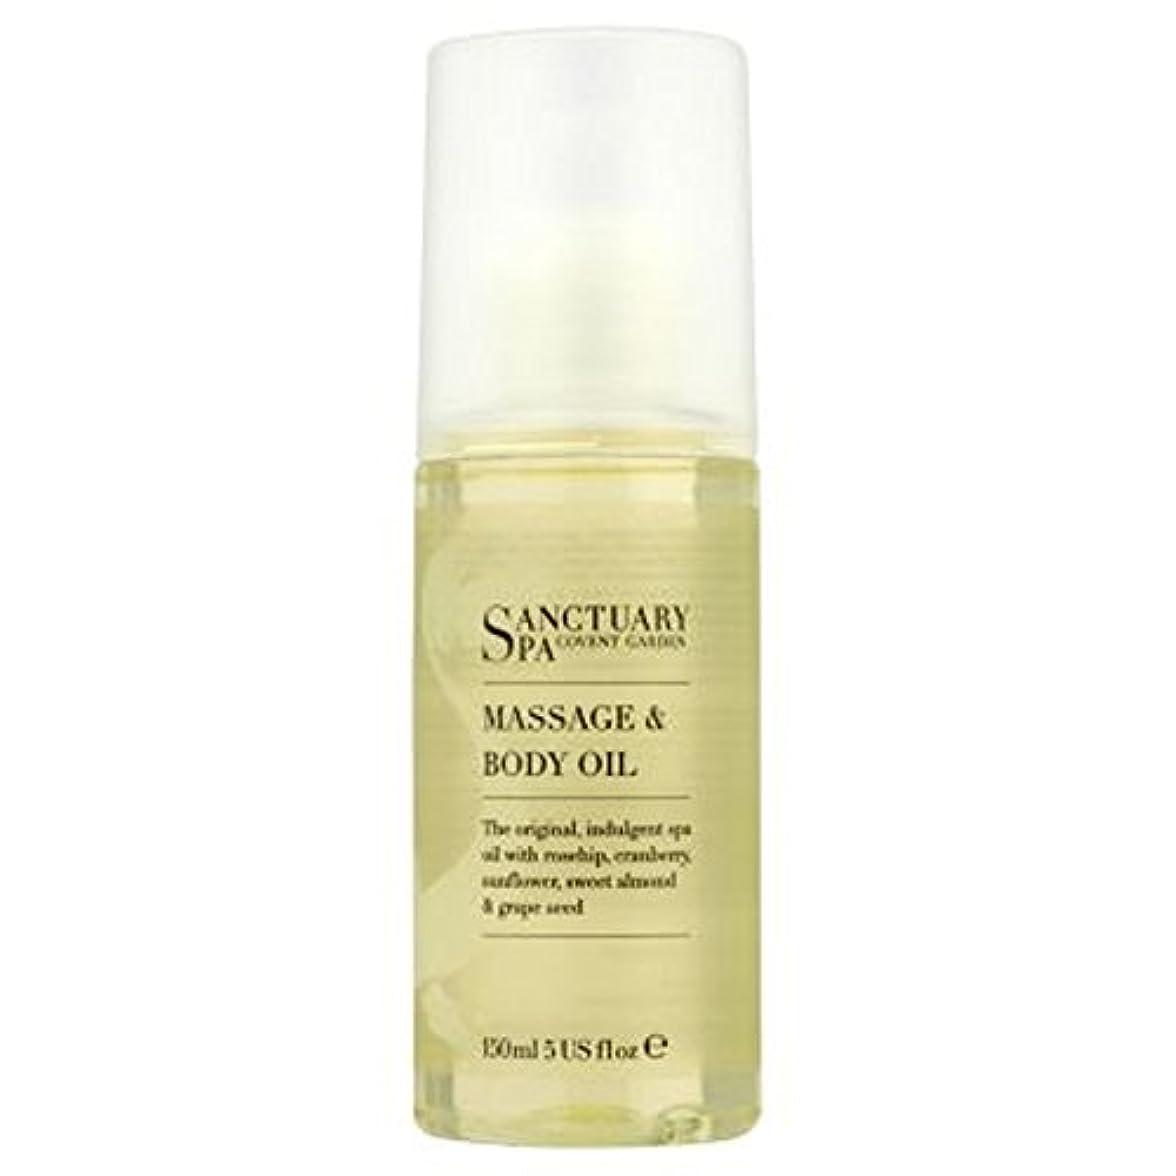 成功したディスコ緯度聖域毎日のスパエスケープマッサージやボディオイル - 150ミリリットル (Sanctuary) (x2) - Sanctuary Daily Spa Escape Massage and Body Oil - 150ml...